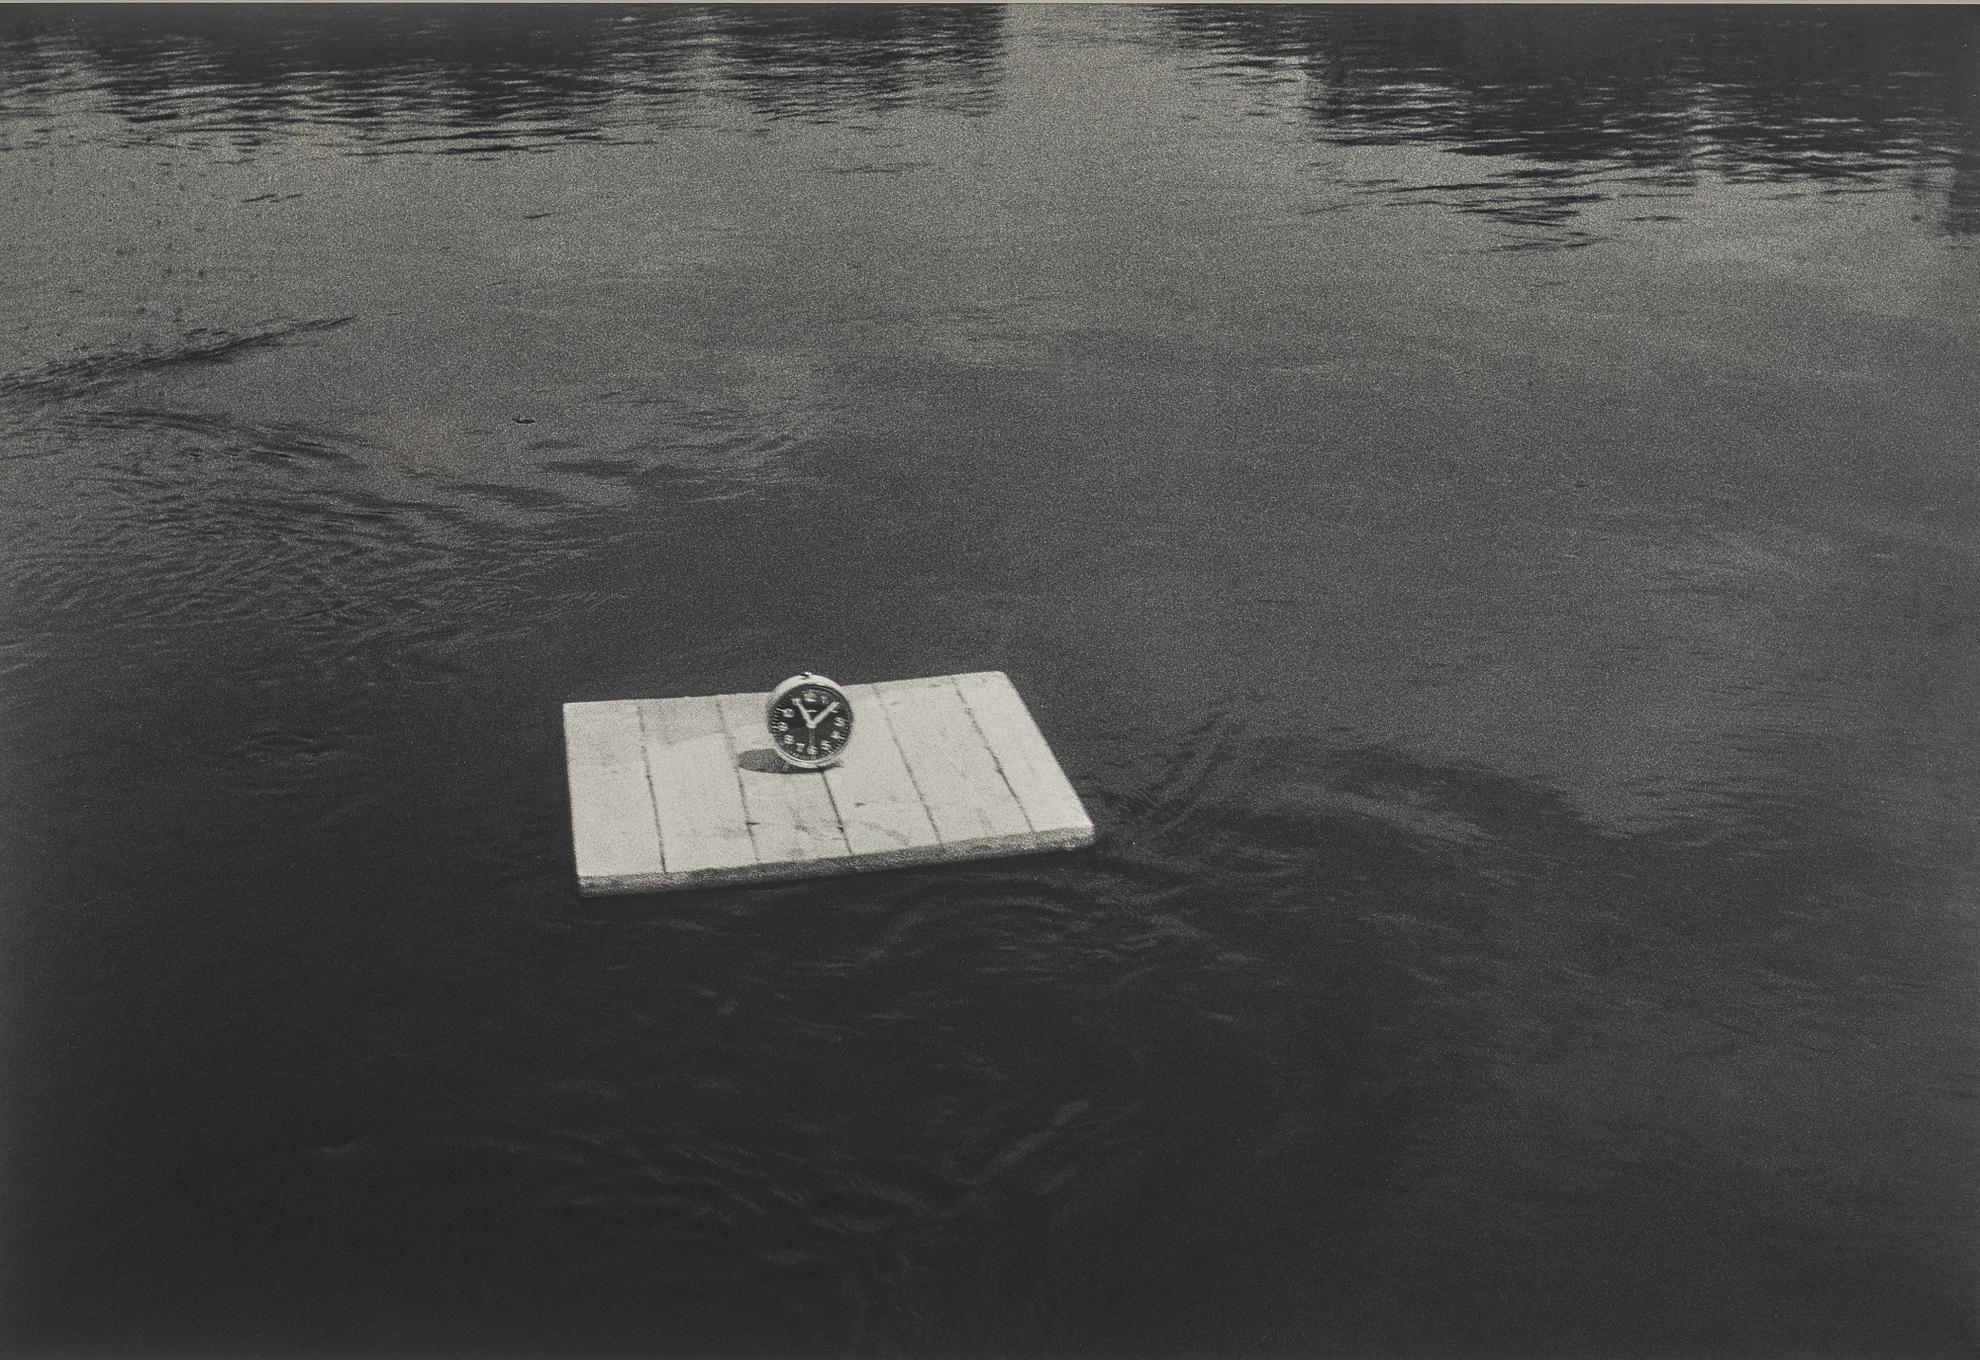 Roman Signer-Lauten Auf Dem Fluss-1986